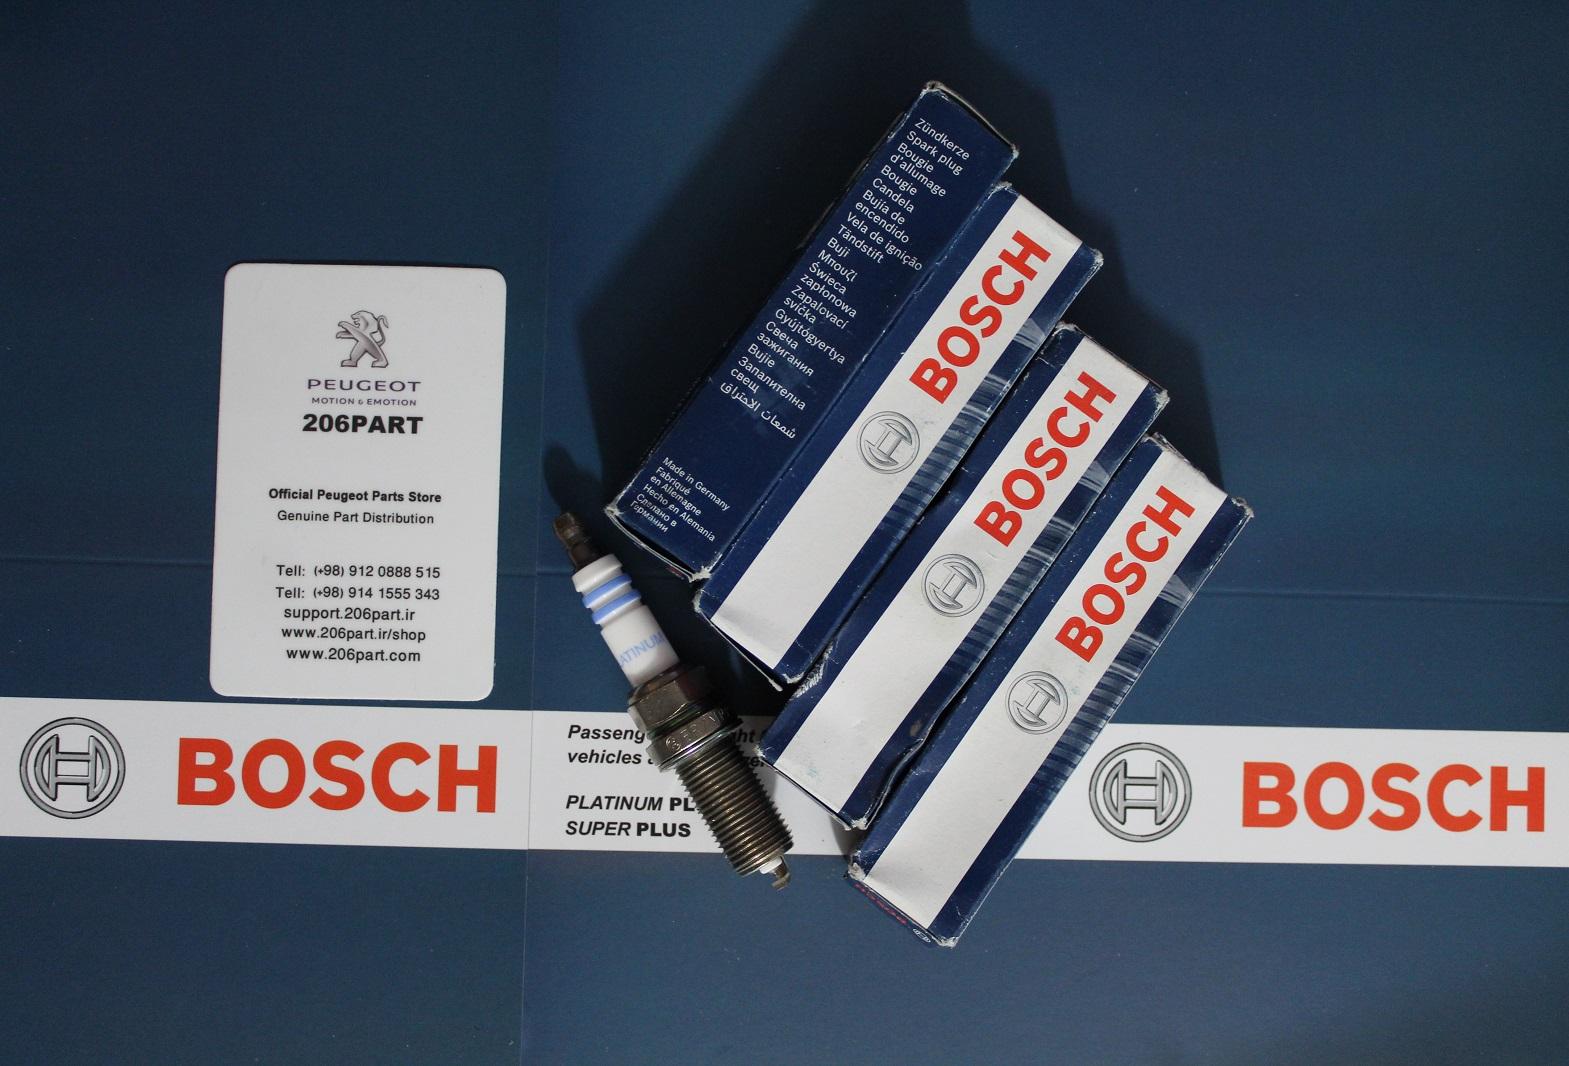 شمع سوزنی بوش BOSCH مدل PLATINUM -پایه بلند(تیپ 5و6 /V8 ) – آلمان